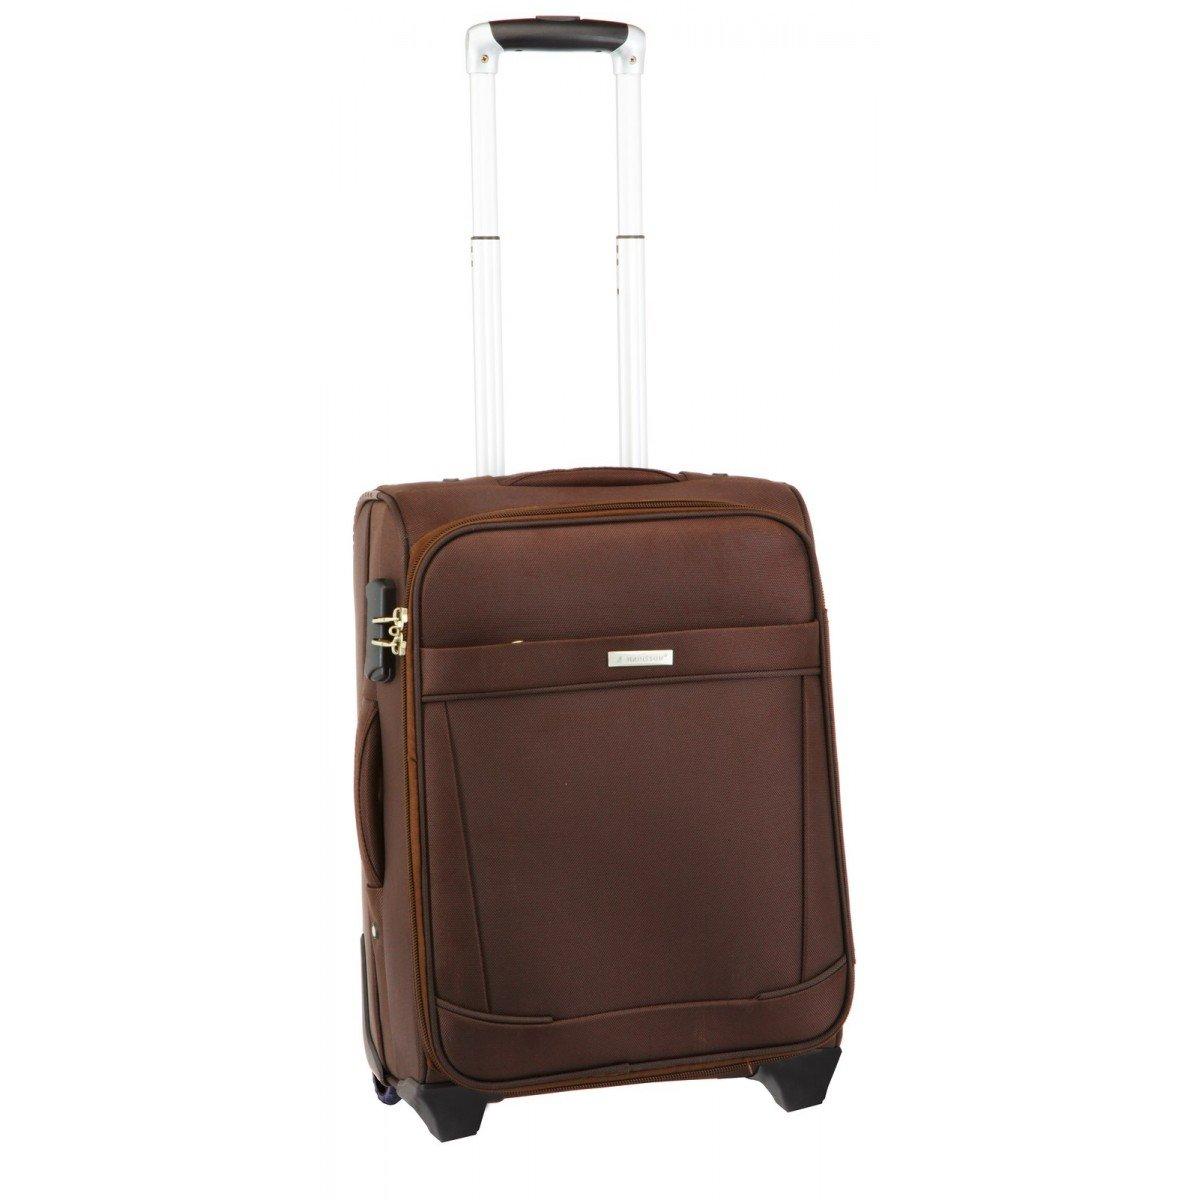 Juego de 3 maletas de Lisboa carrito Marrón marrón talla única: Amazon.es: Equipaje